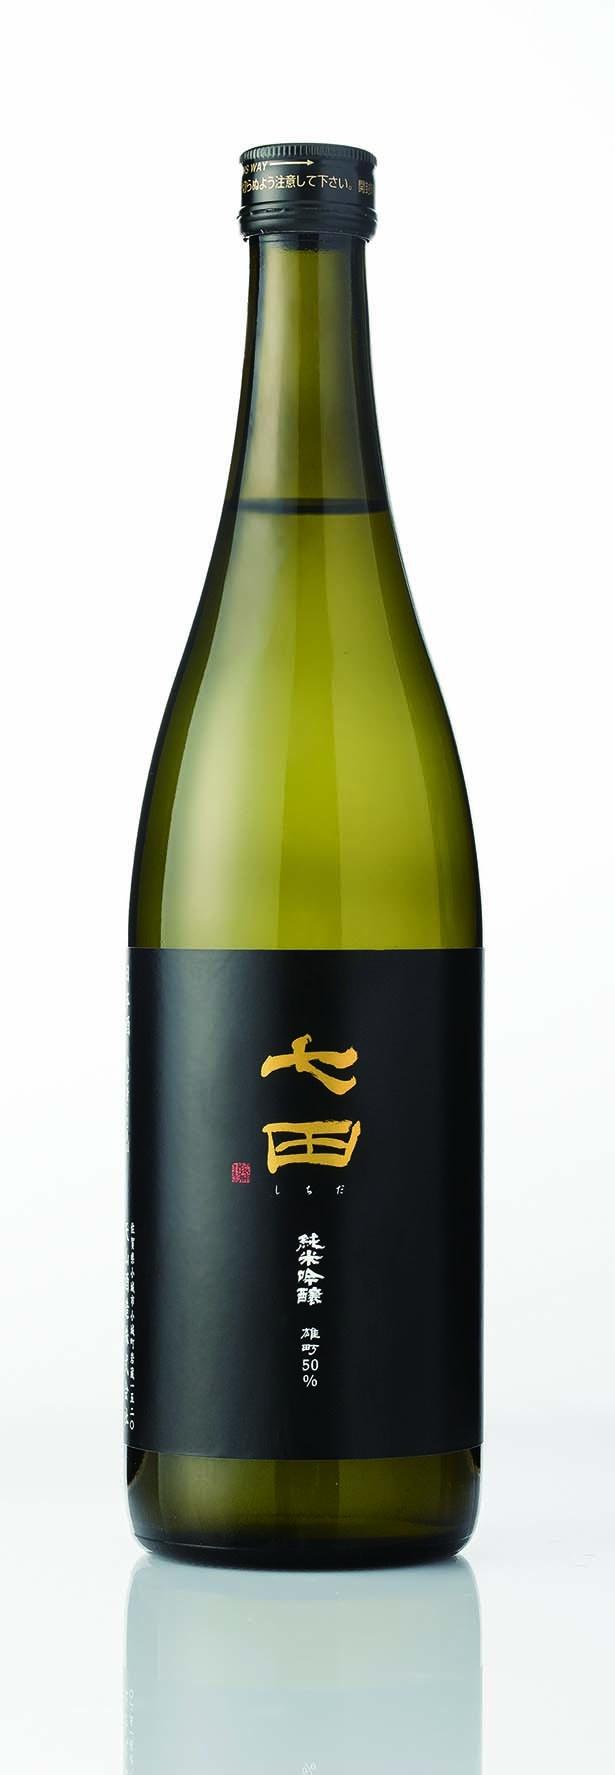 「七田 純米吟醸 雄町50」(天山酒造)。パリで初開催された「KURA MASTER 2017」で、最高賞のプレジデント賞を獲得。※銘柄は毎月更新されます